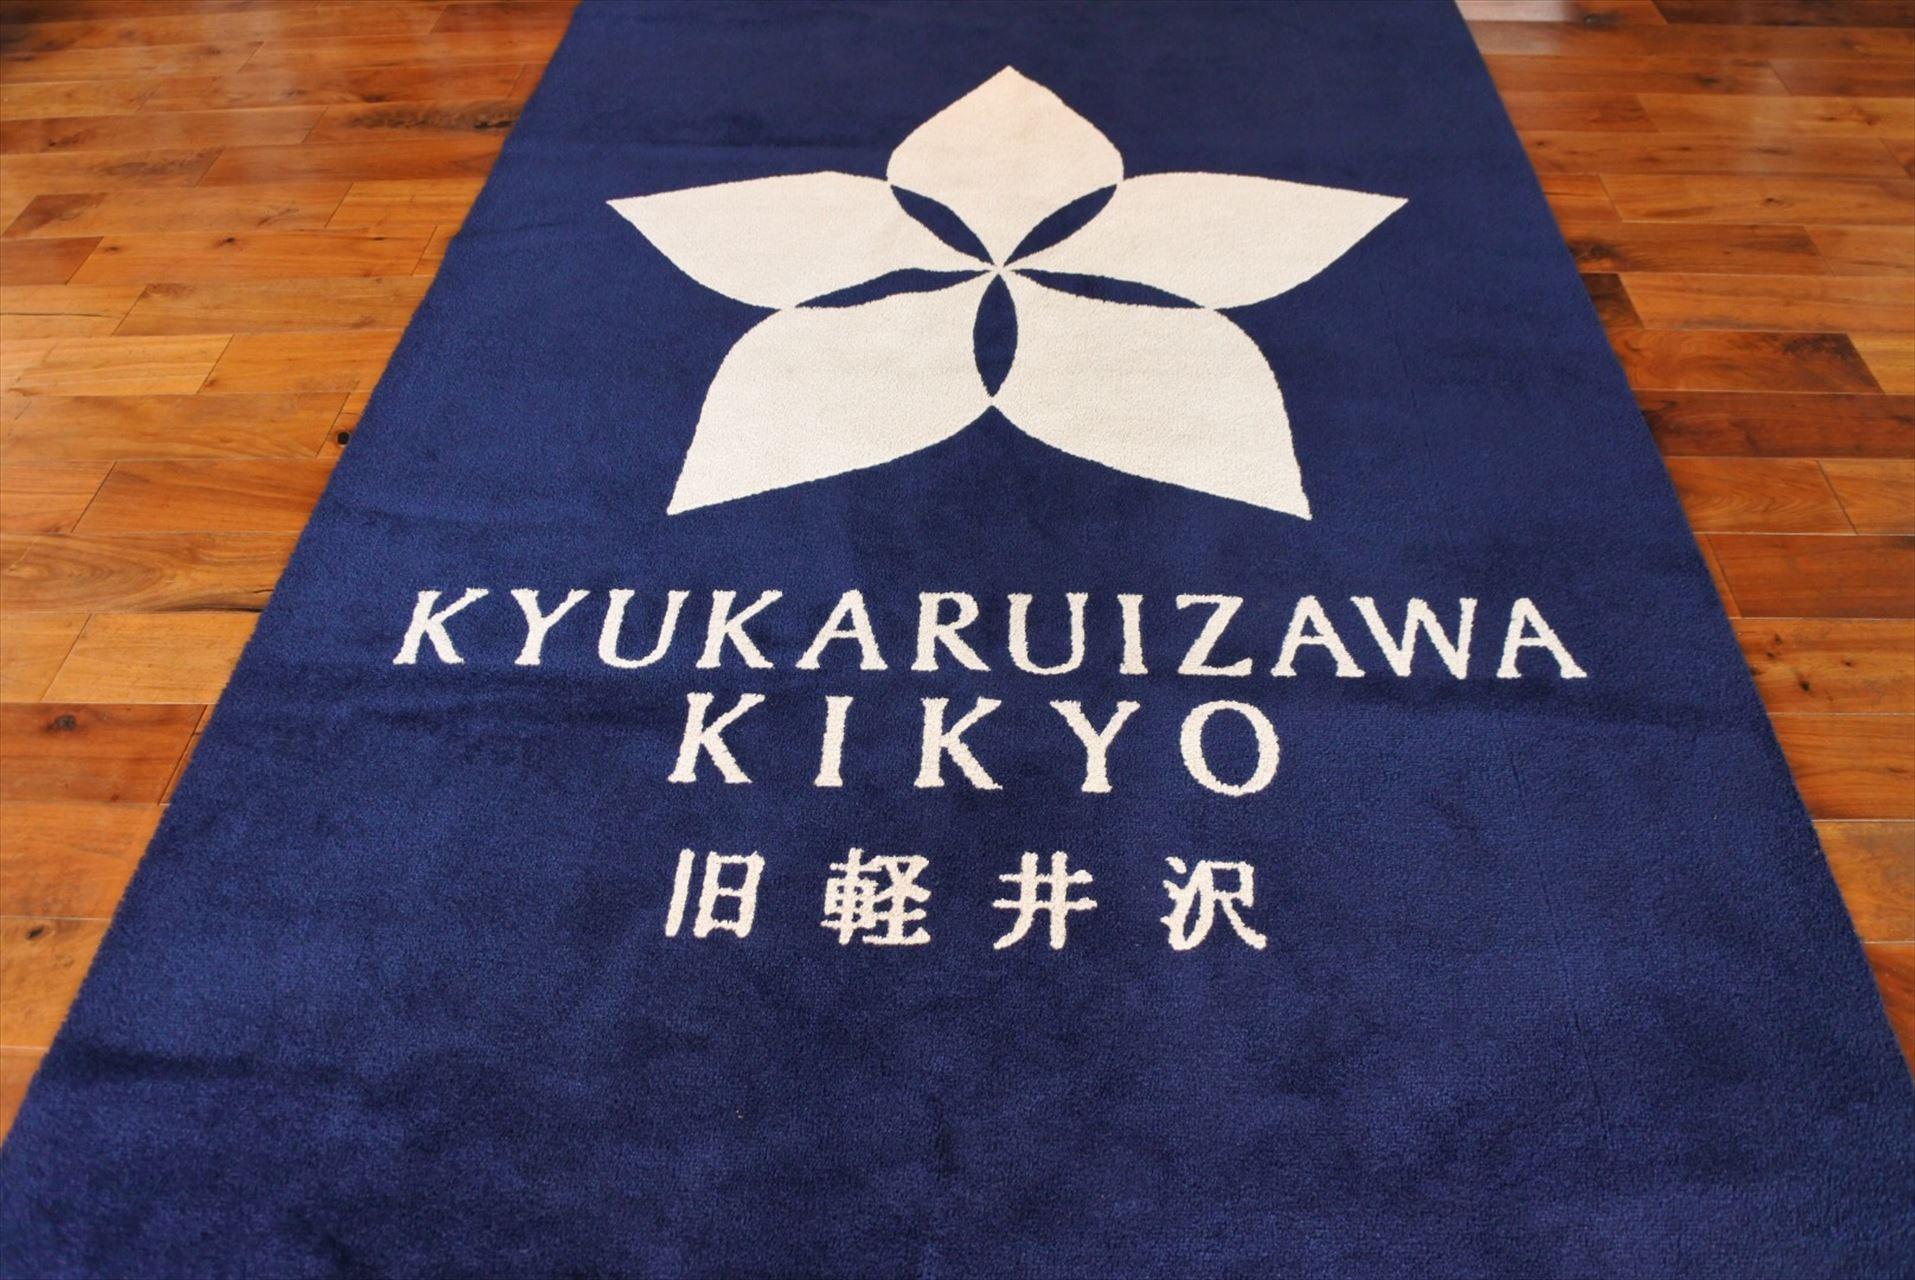 旧軽井沢KIKYO エントランス